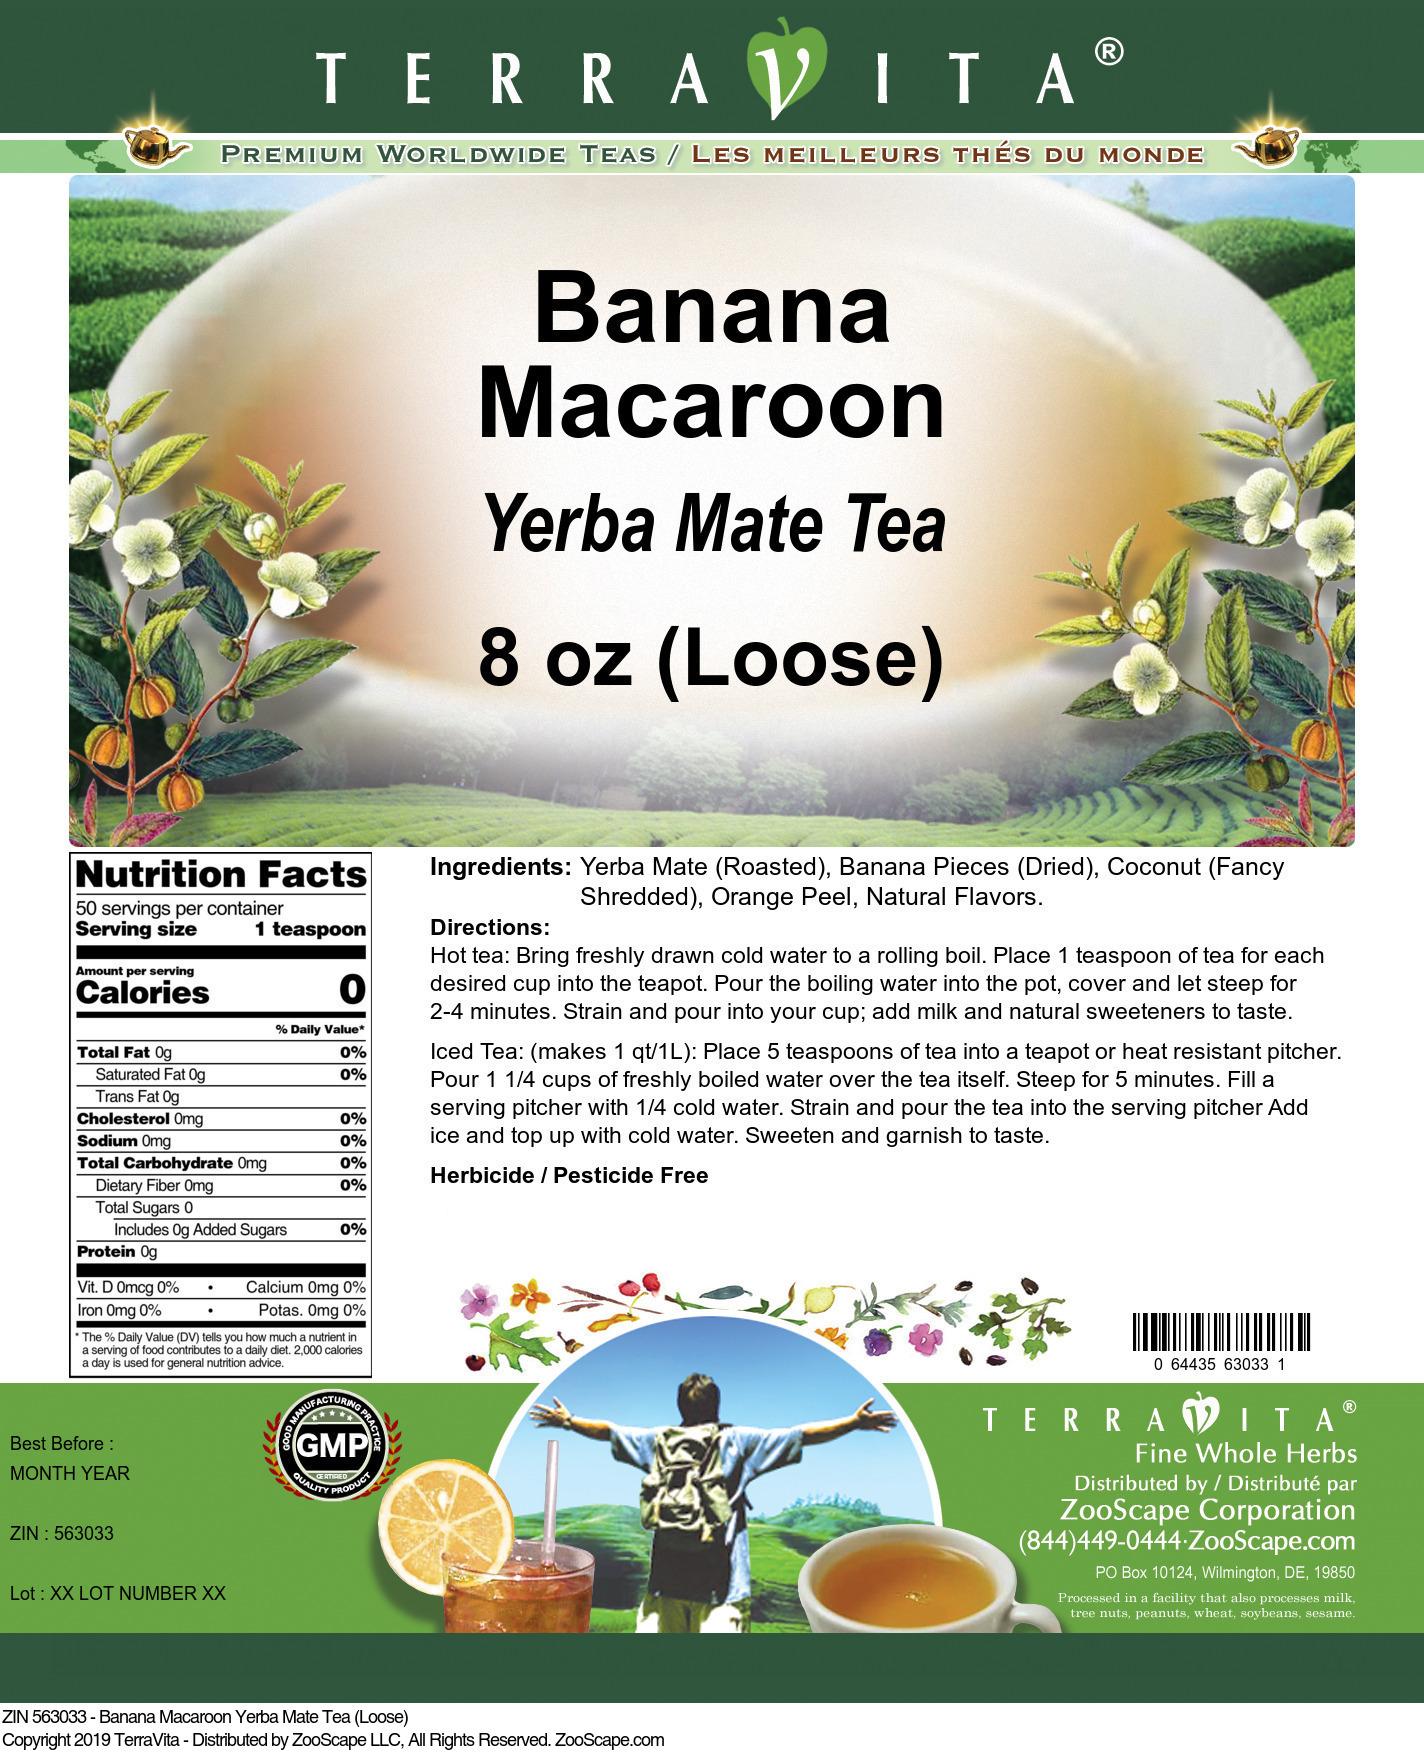 Banana Macaroon Yerba Mate